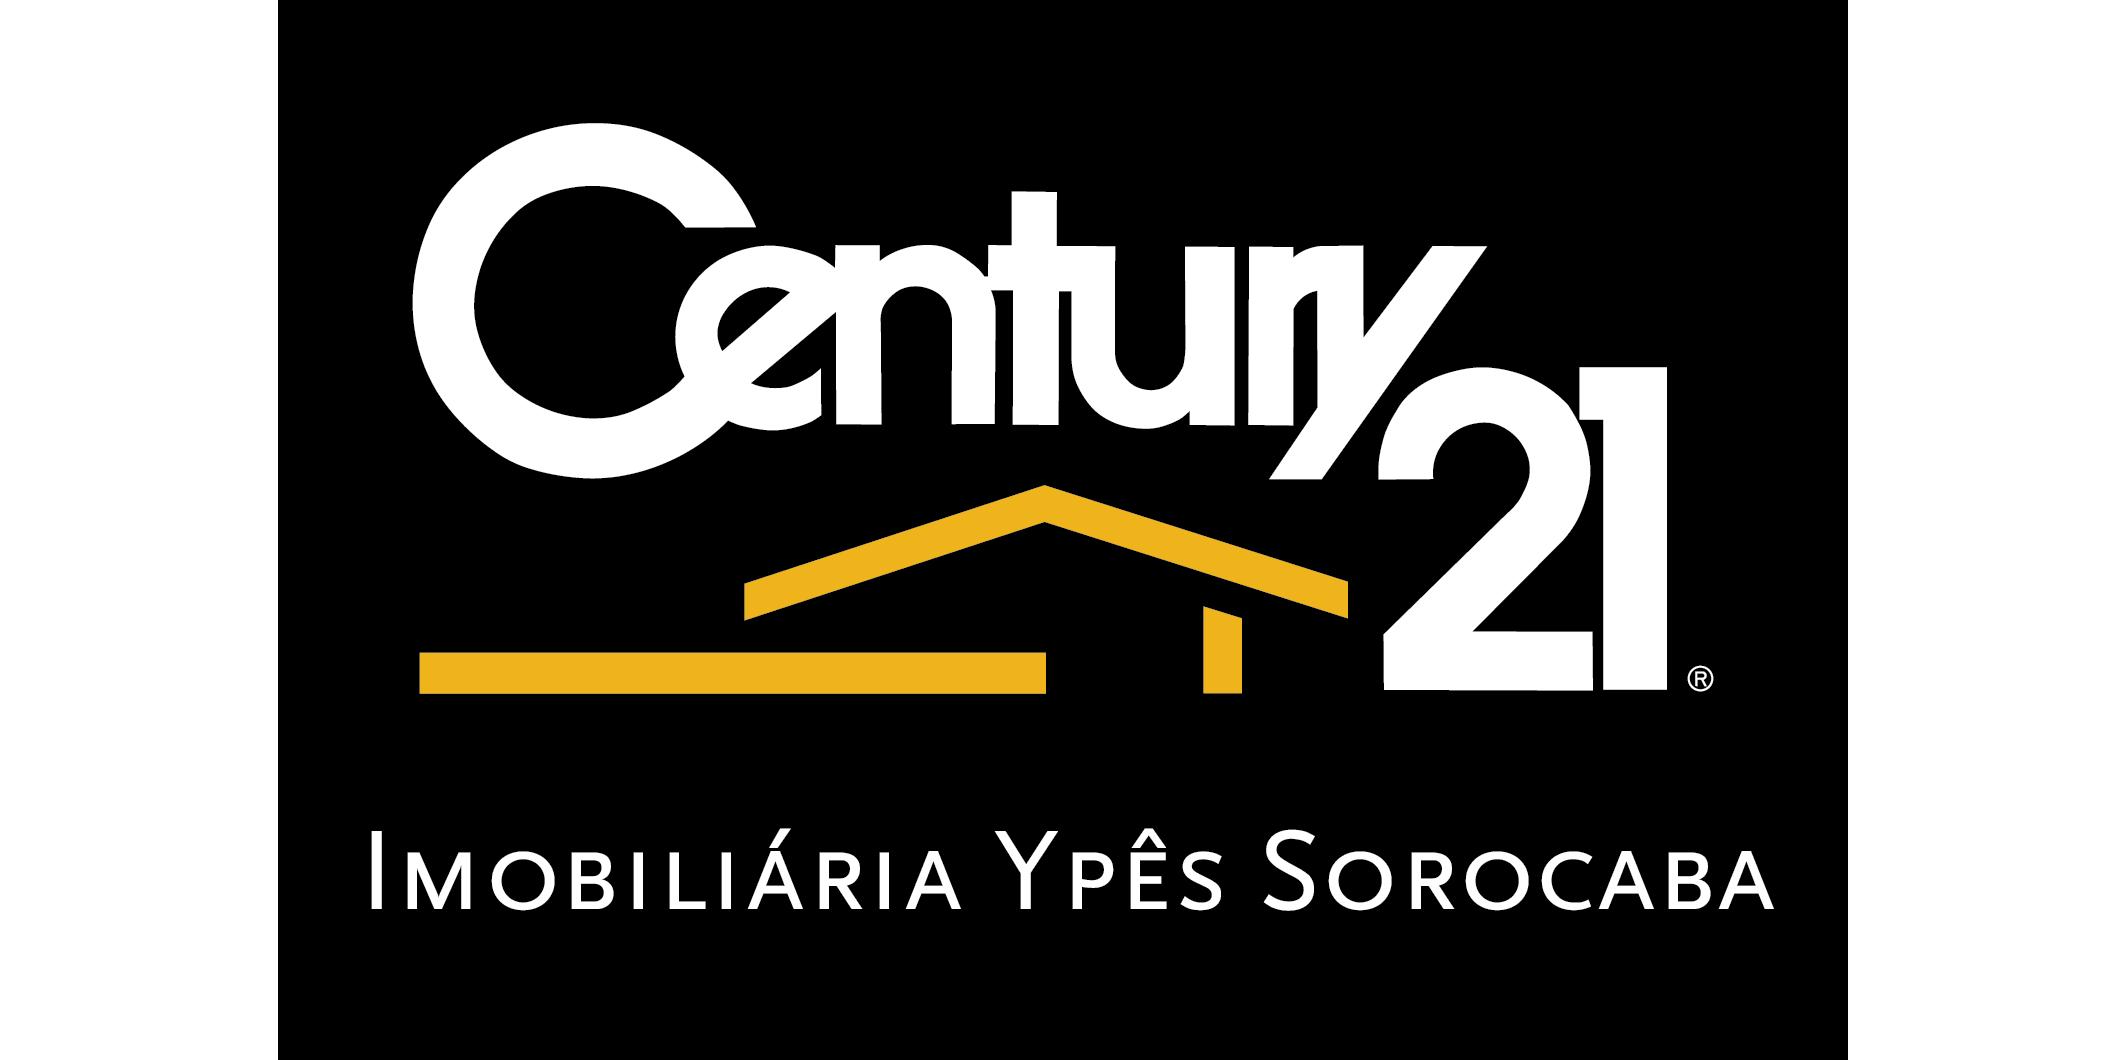 CENTURY 21 Imobiliária Ypês Sorocaba